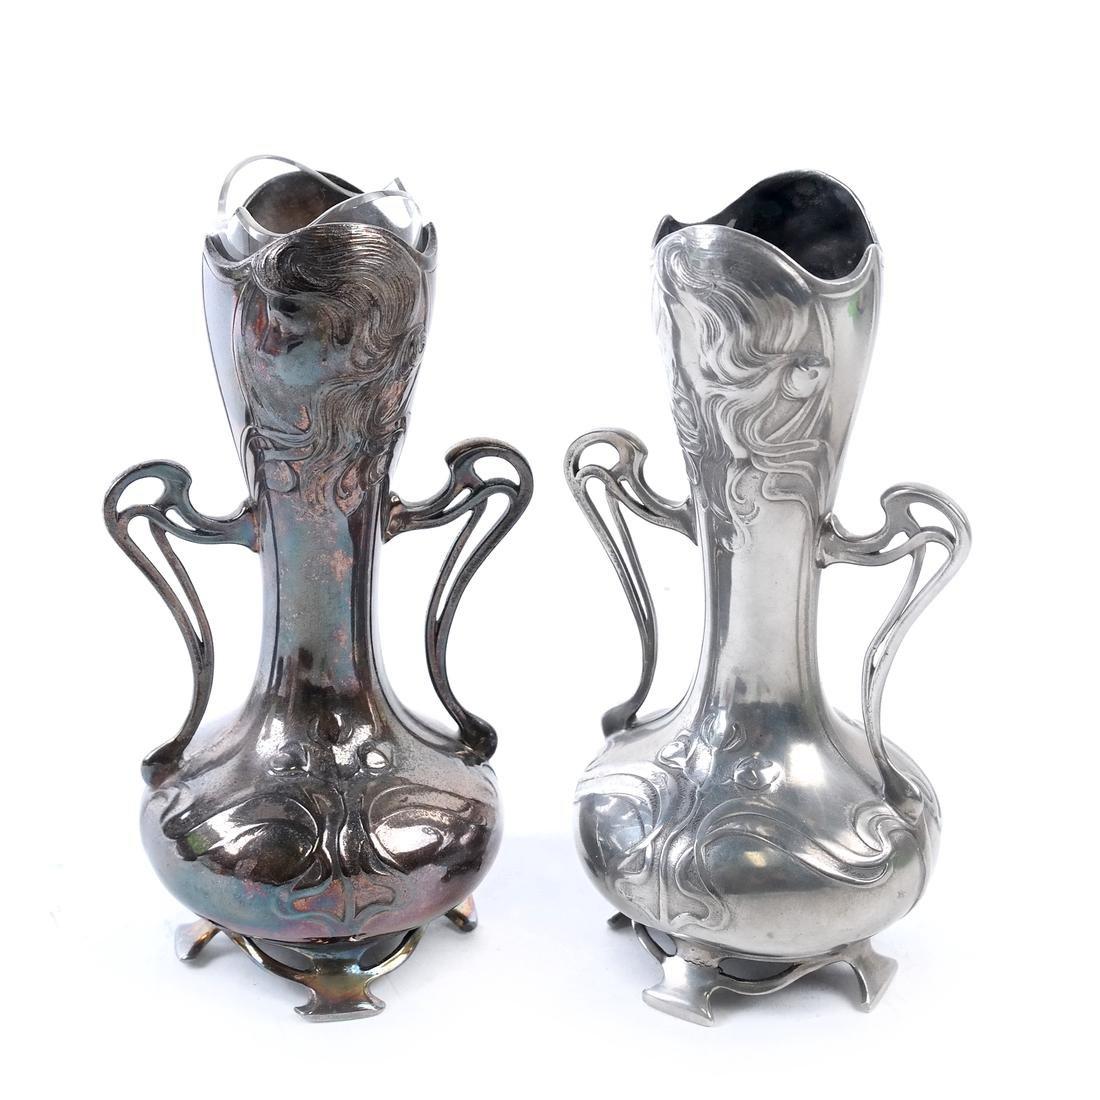 Pair of WMF Art Nouveau Vases